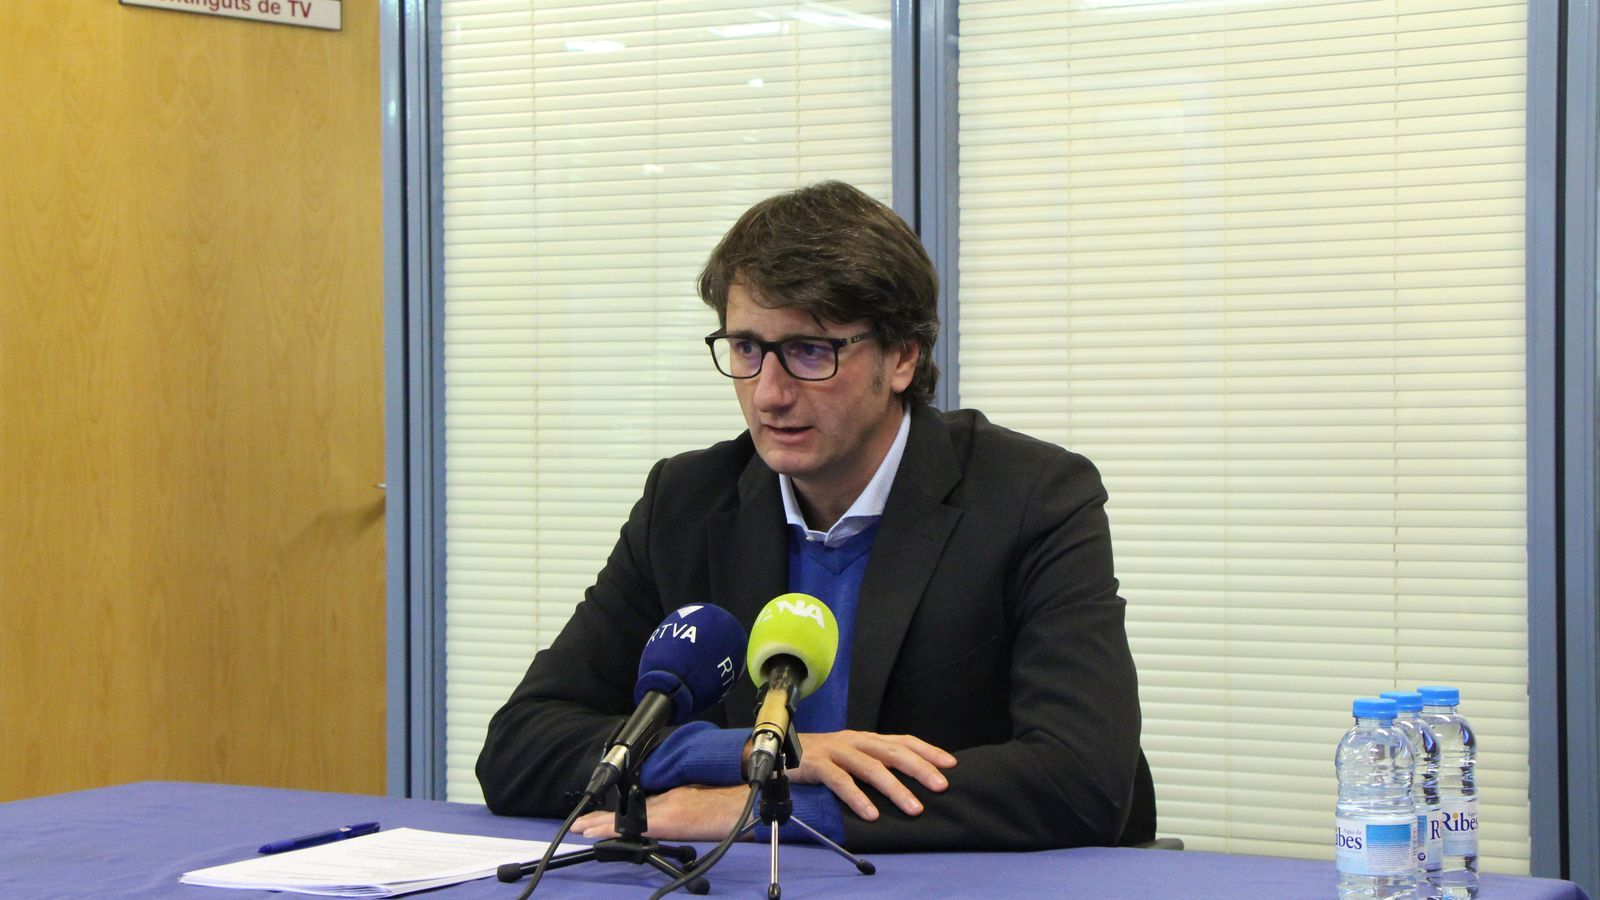 Xavier Mujal, director general d'RTVA, durant la roda de premsa sobre la cobertura de les eleccions comunals. / A.S. (ANA)